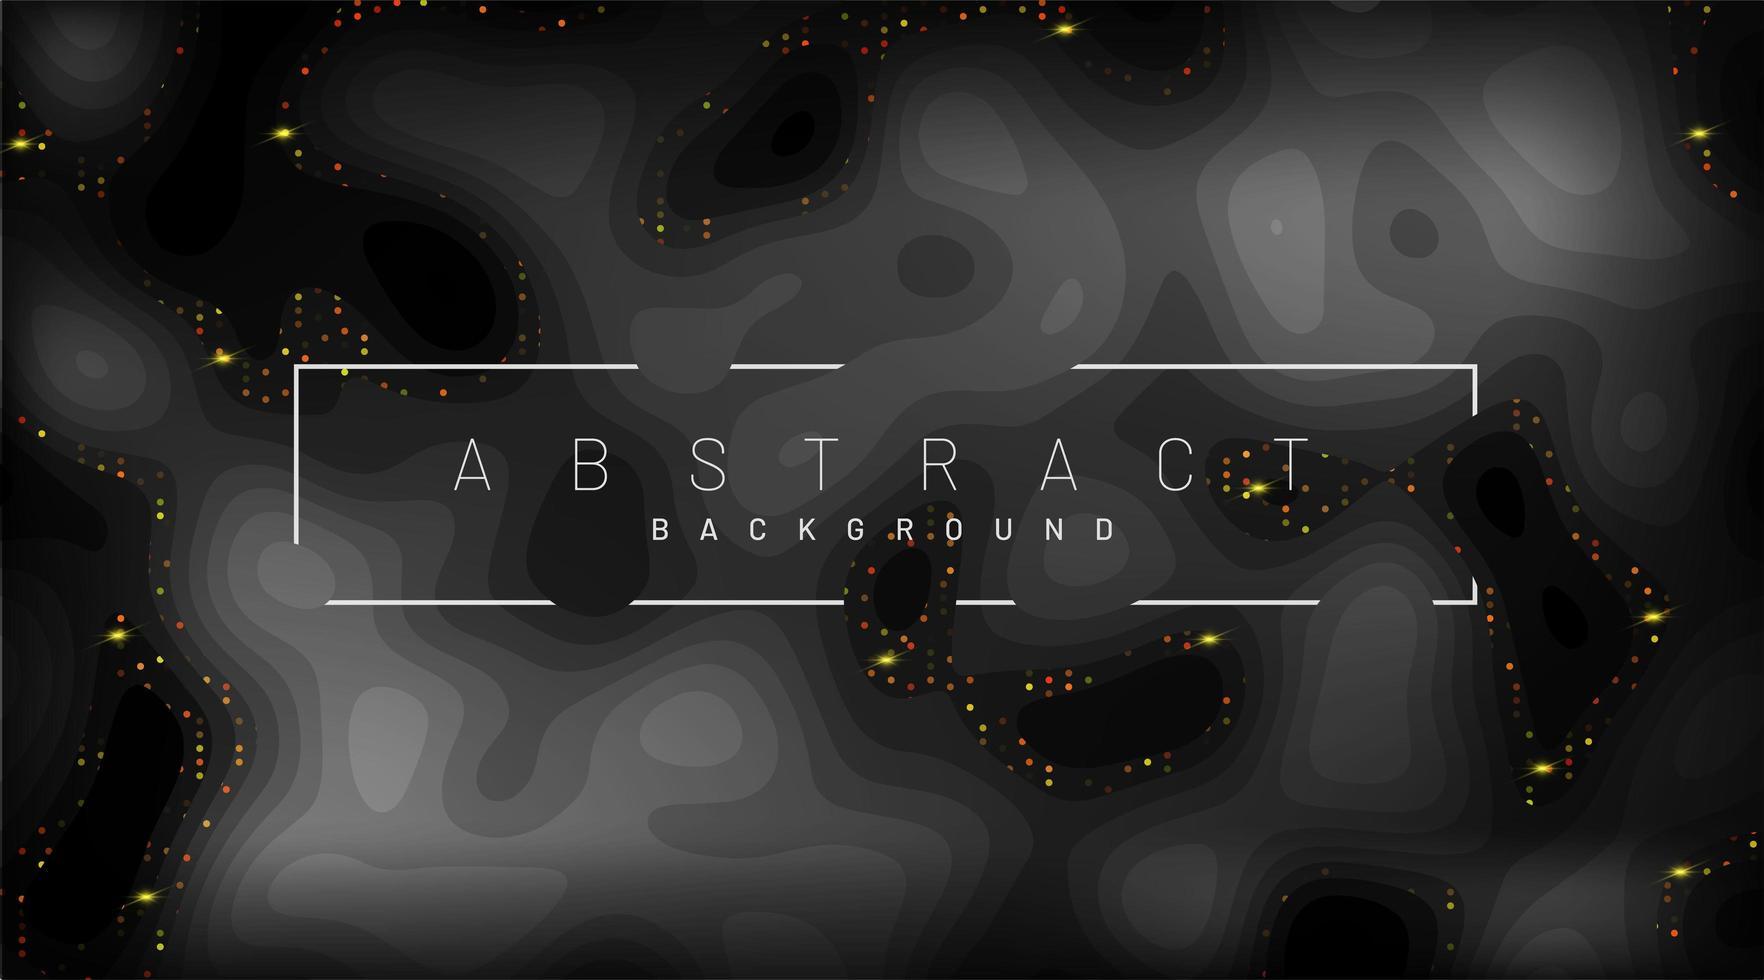 zwart papier gesneden achtergrond. decoraties van realistische stukjes papier met abstracte textuur met gegolfde lagen en gouden glans. 3D-vector illustratie. omslag lay-out sjabloon. vector